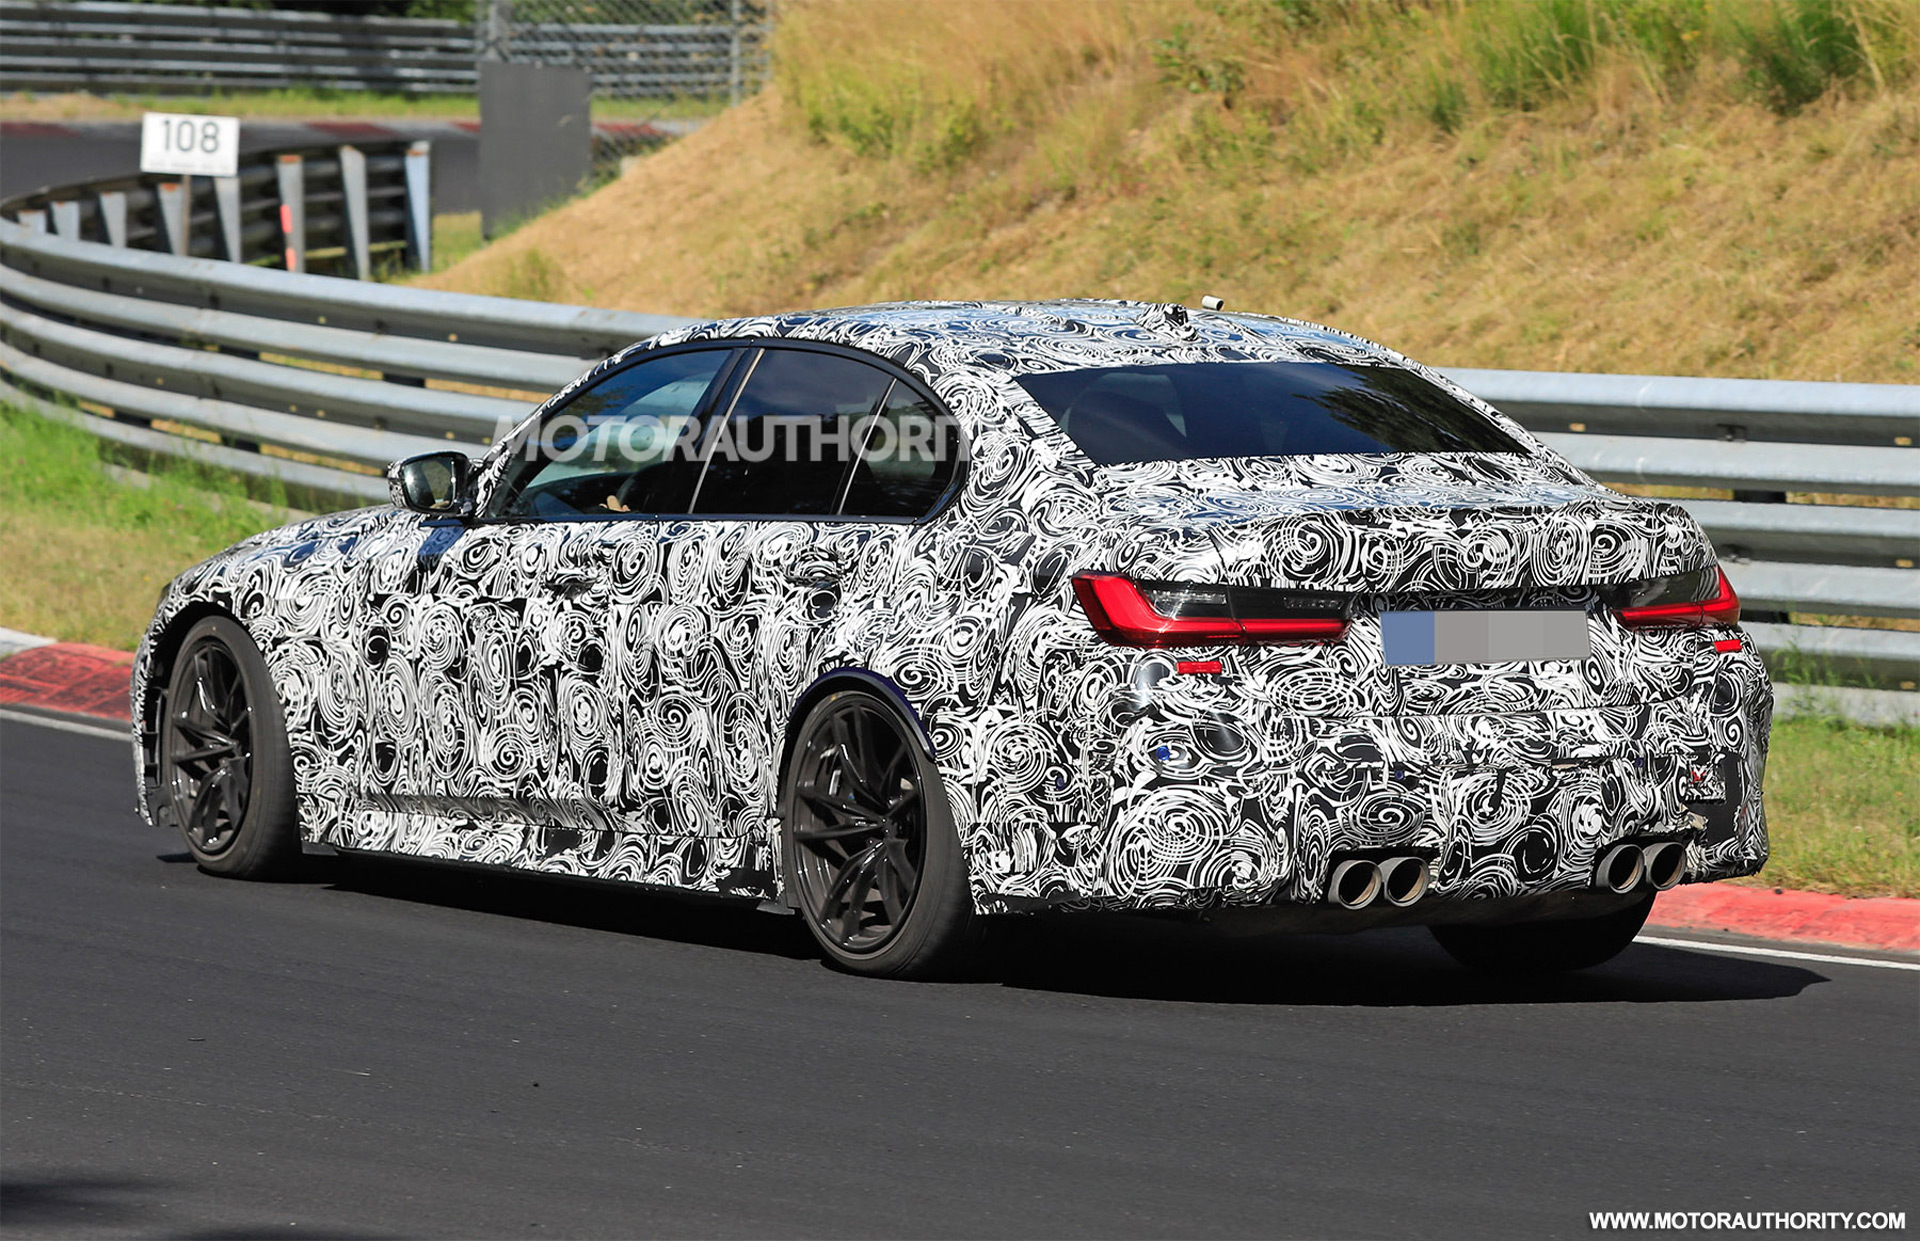 2020 - [BMW] M3/M4 - Page 18 2021-bmw-m3-spy-shots--photo-credit-s-baldauf-sb-medien_100754064_h